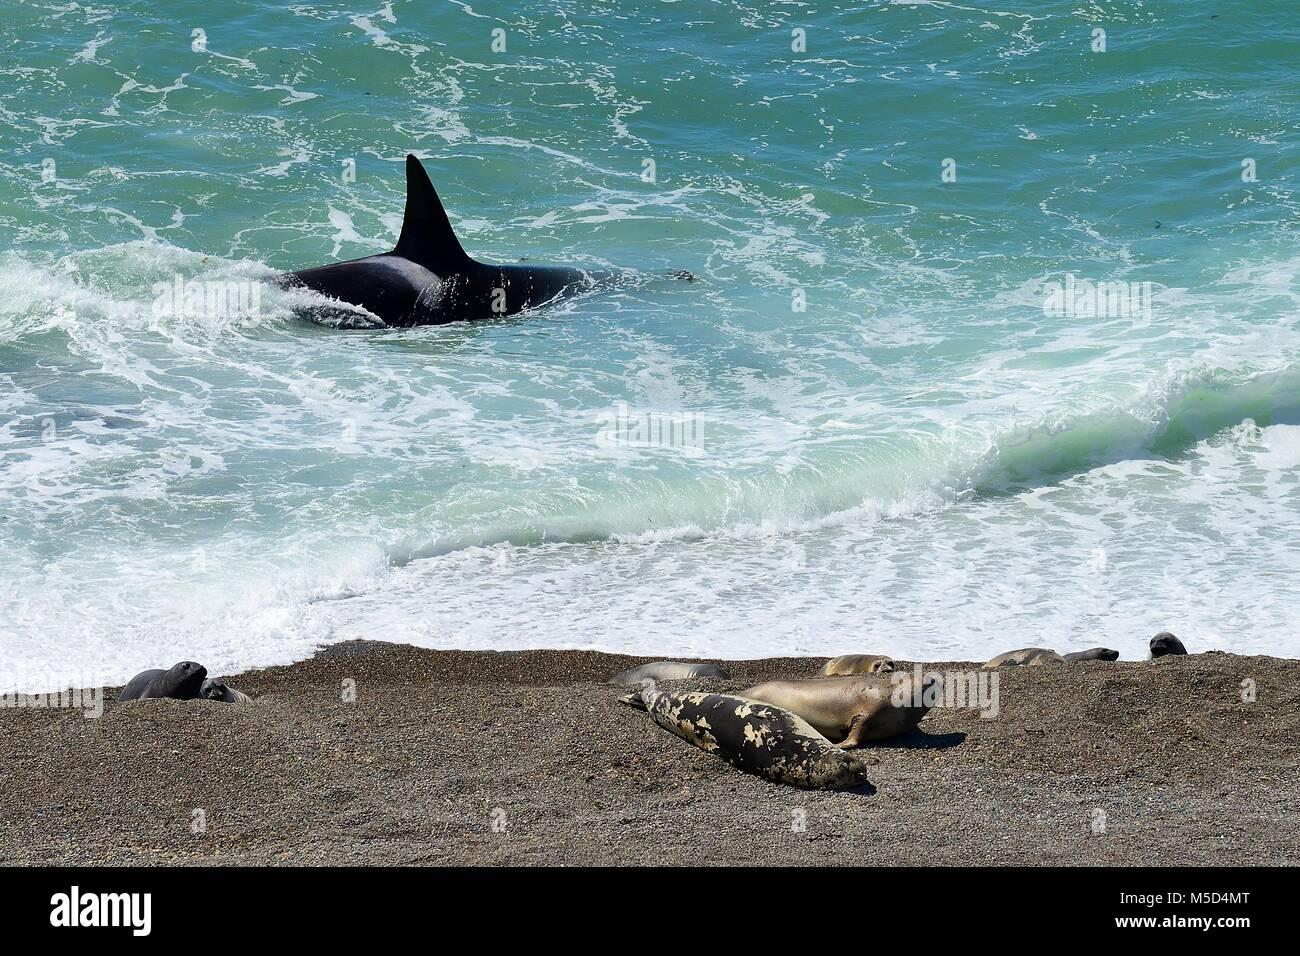 Orca (Orcinus orca) en busca de presas en la parte delantera de banco de grava con elefantes marinos (Mirounga leonina) Imagen De Stock